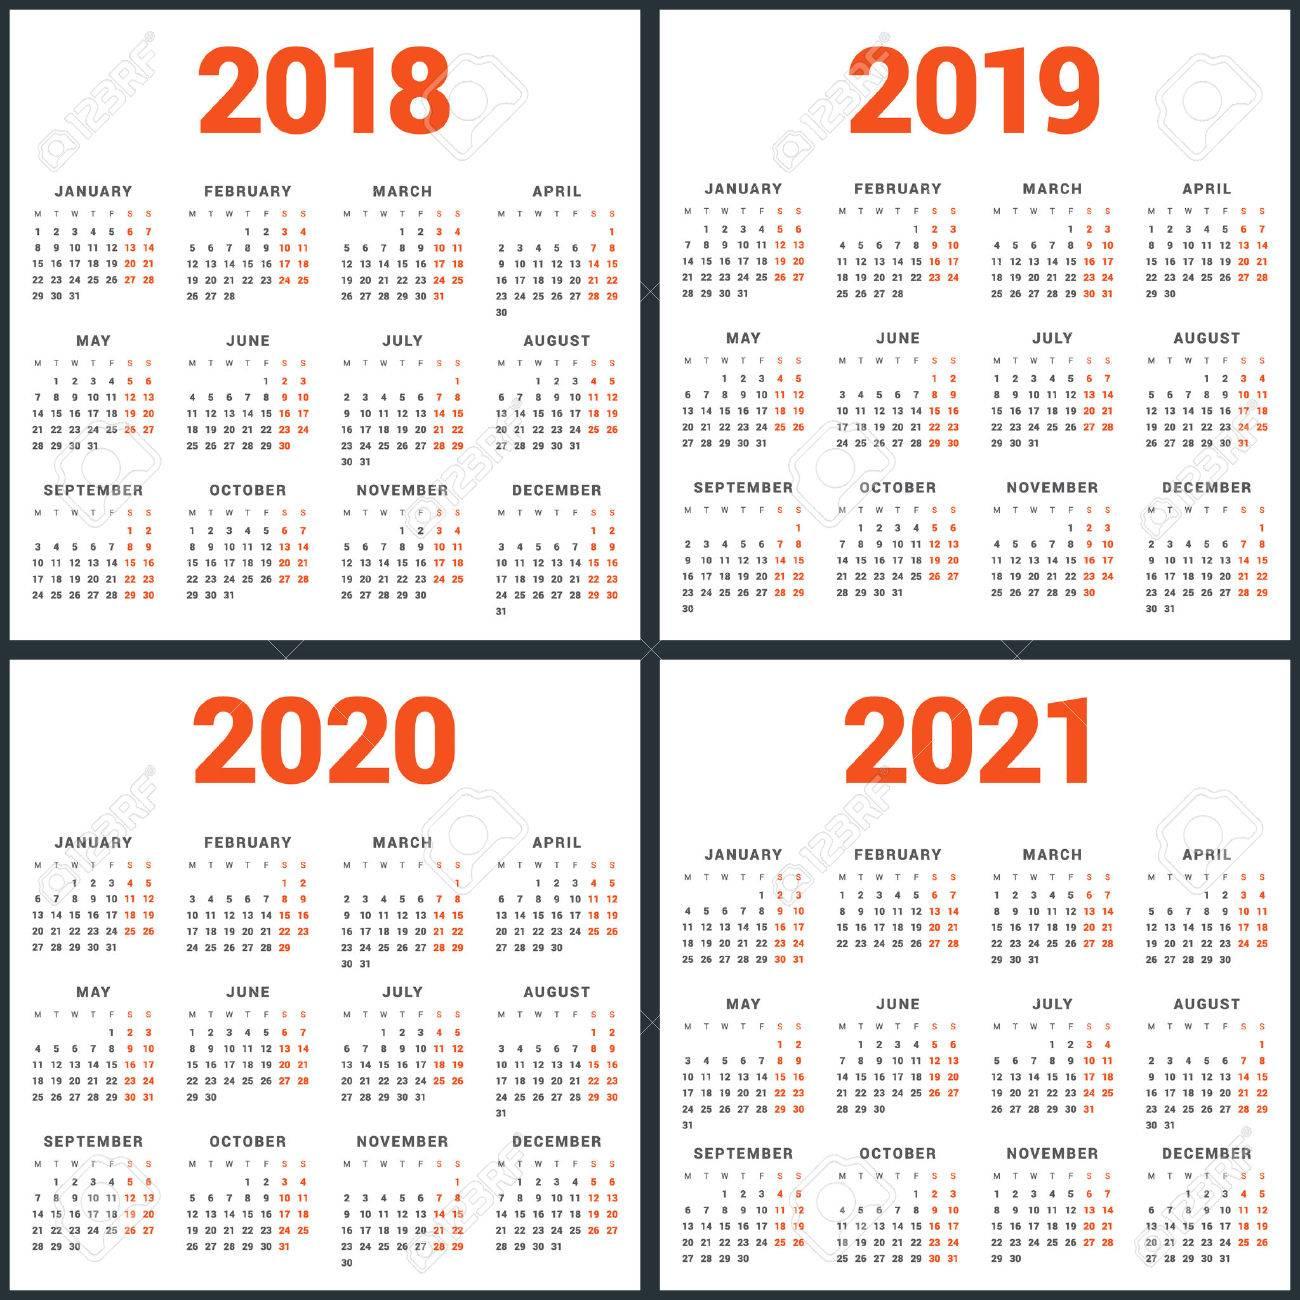 Calendrier 2021 Avec Semaine.Ensemble De Calendriers Pour 2018 2019 2020 2021 Ans La Semaine Commence Le Lundi Modele De Vecteur Simple Modele De Conception De Papeterie